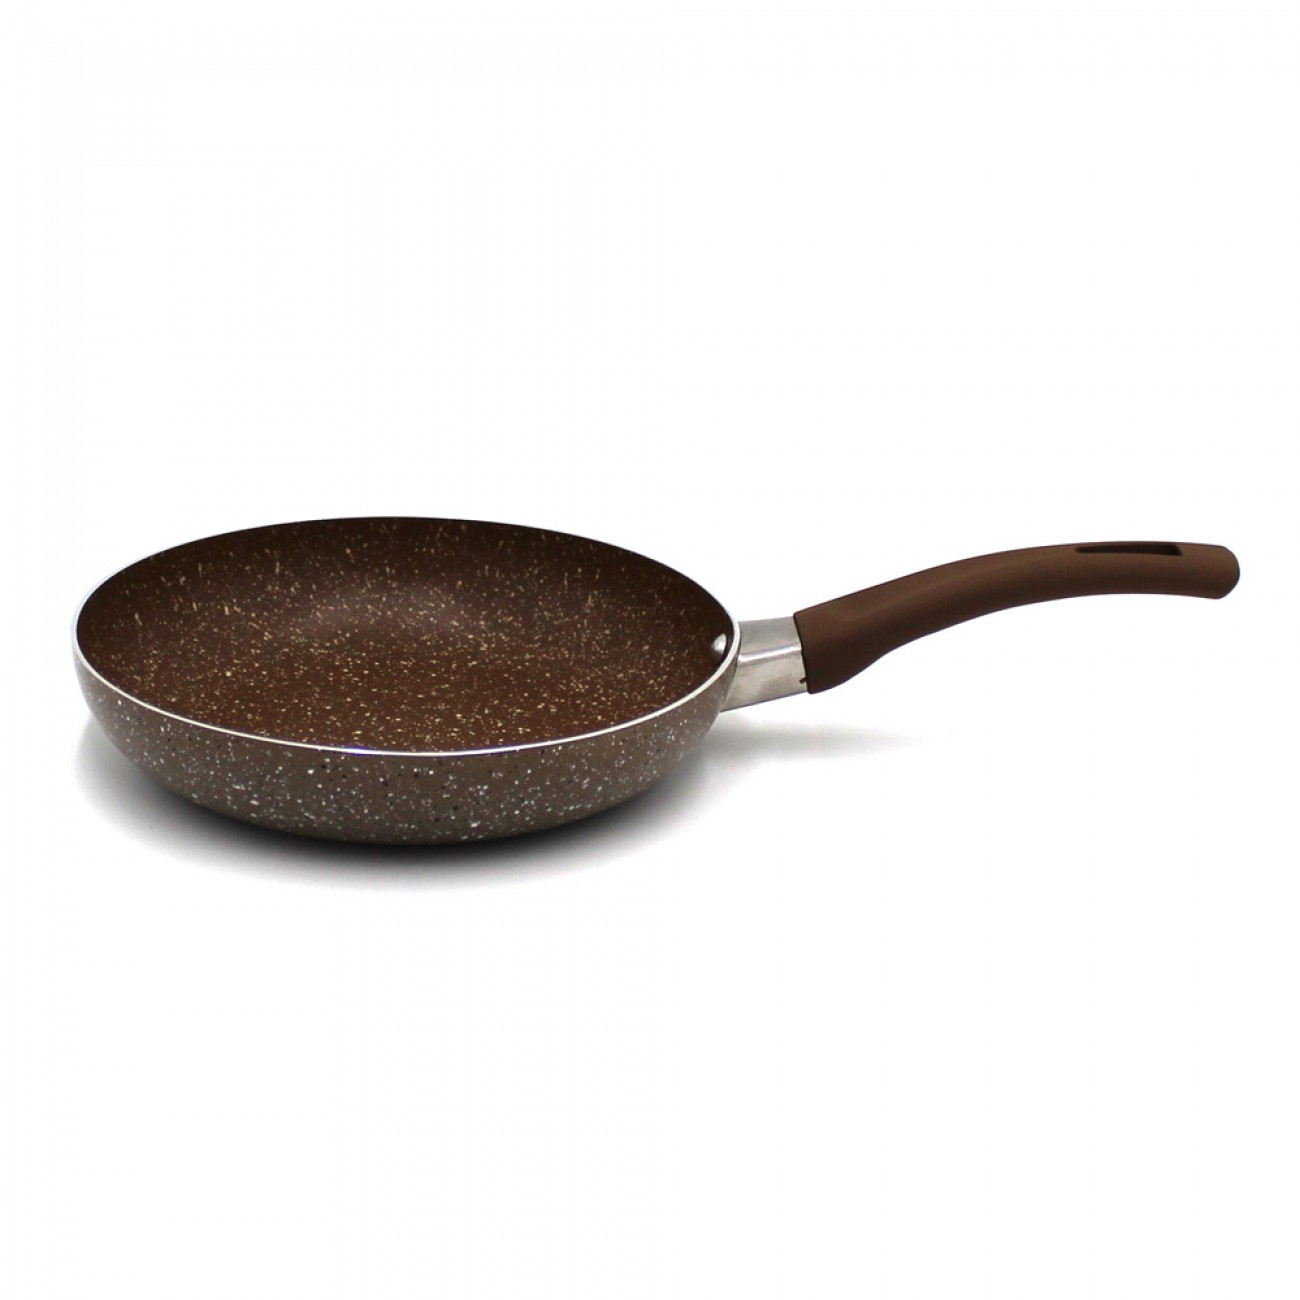 Тиган с мраморно покритие OEM 2575-8, 14 см, Кафяв в Тигани - OEM | Alleop